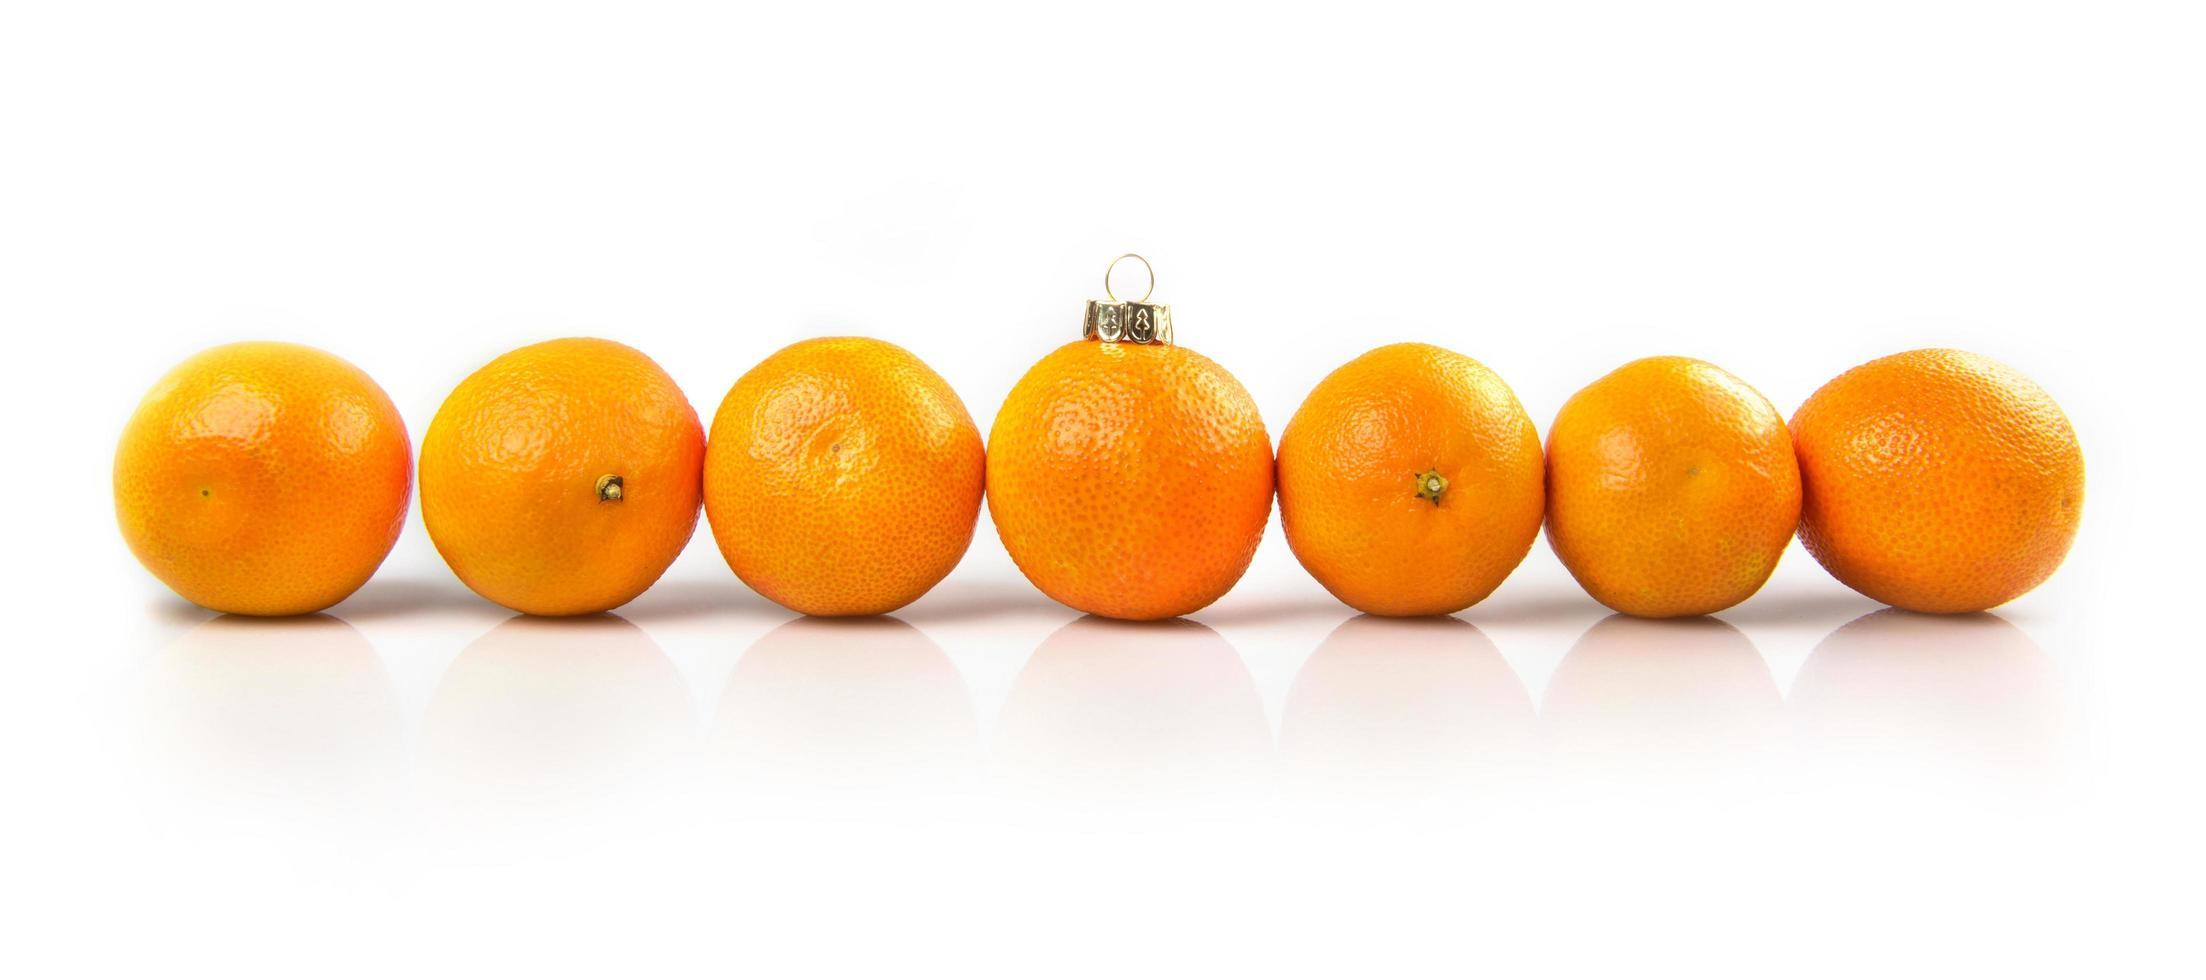 bolas de tangerina em um fundo branco foto